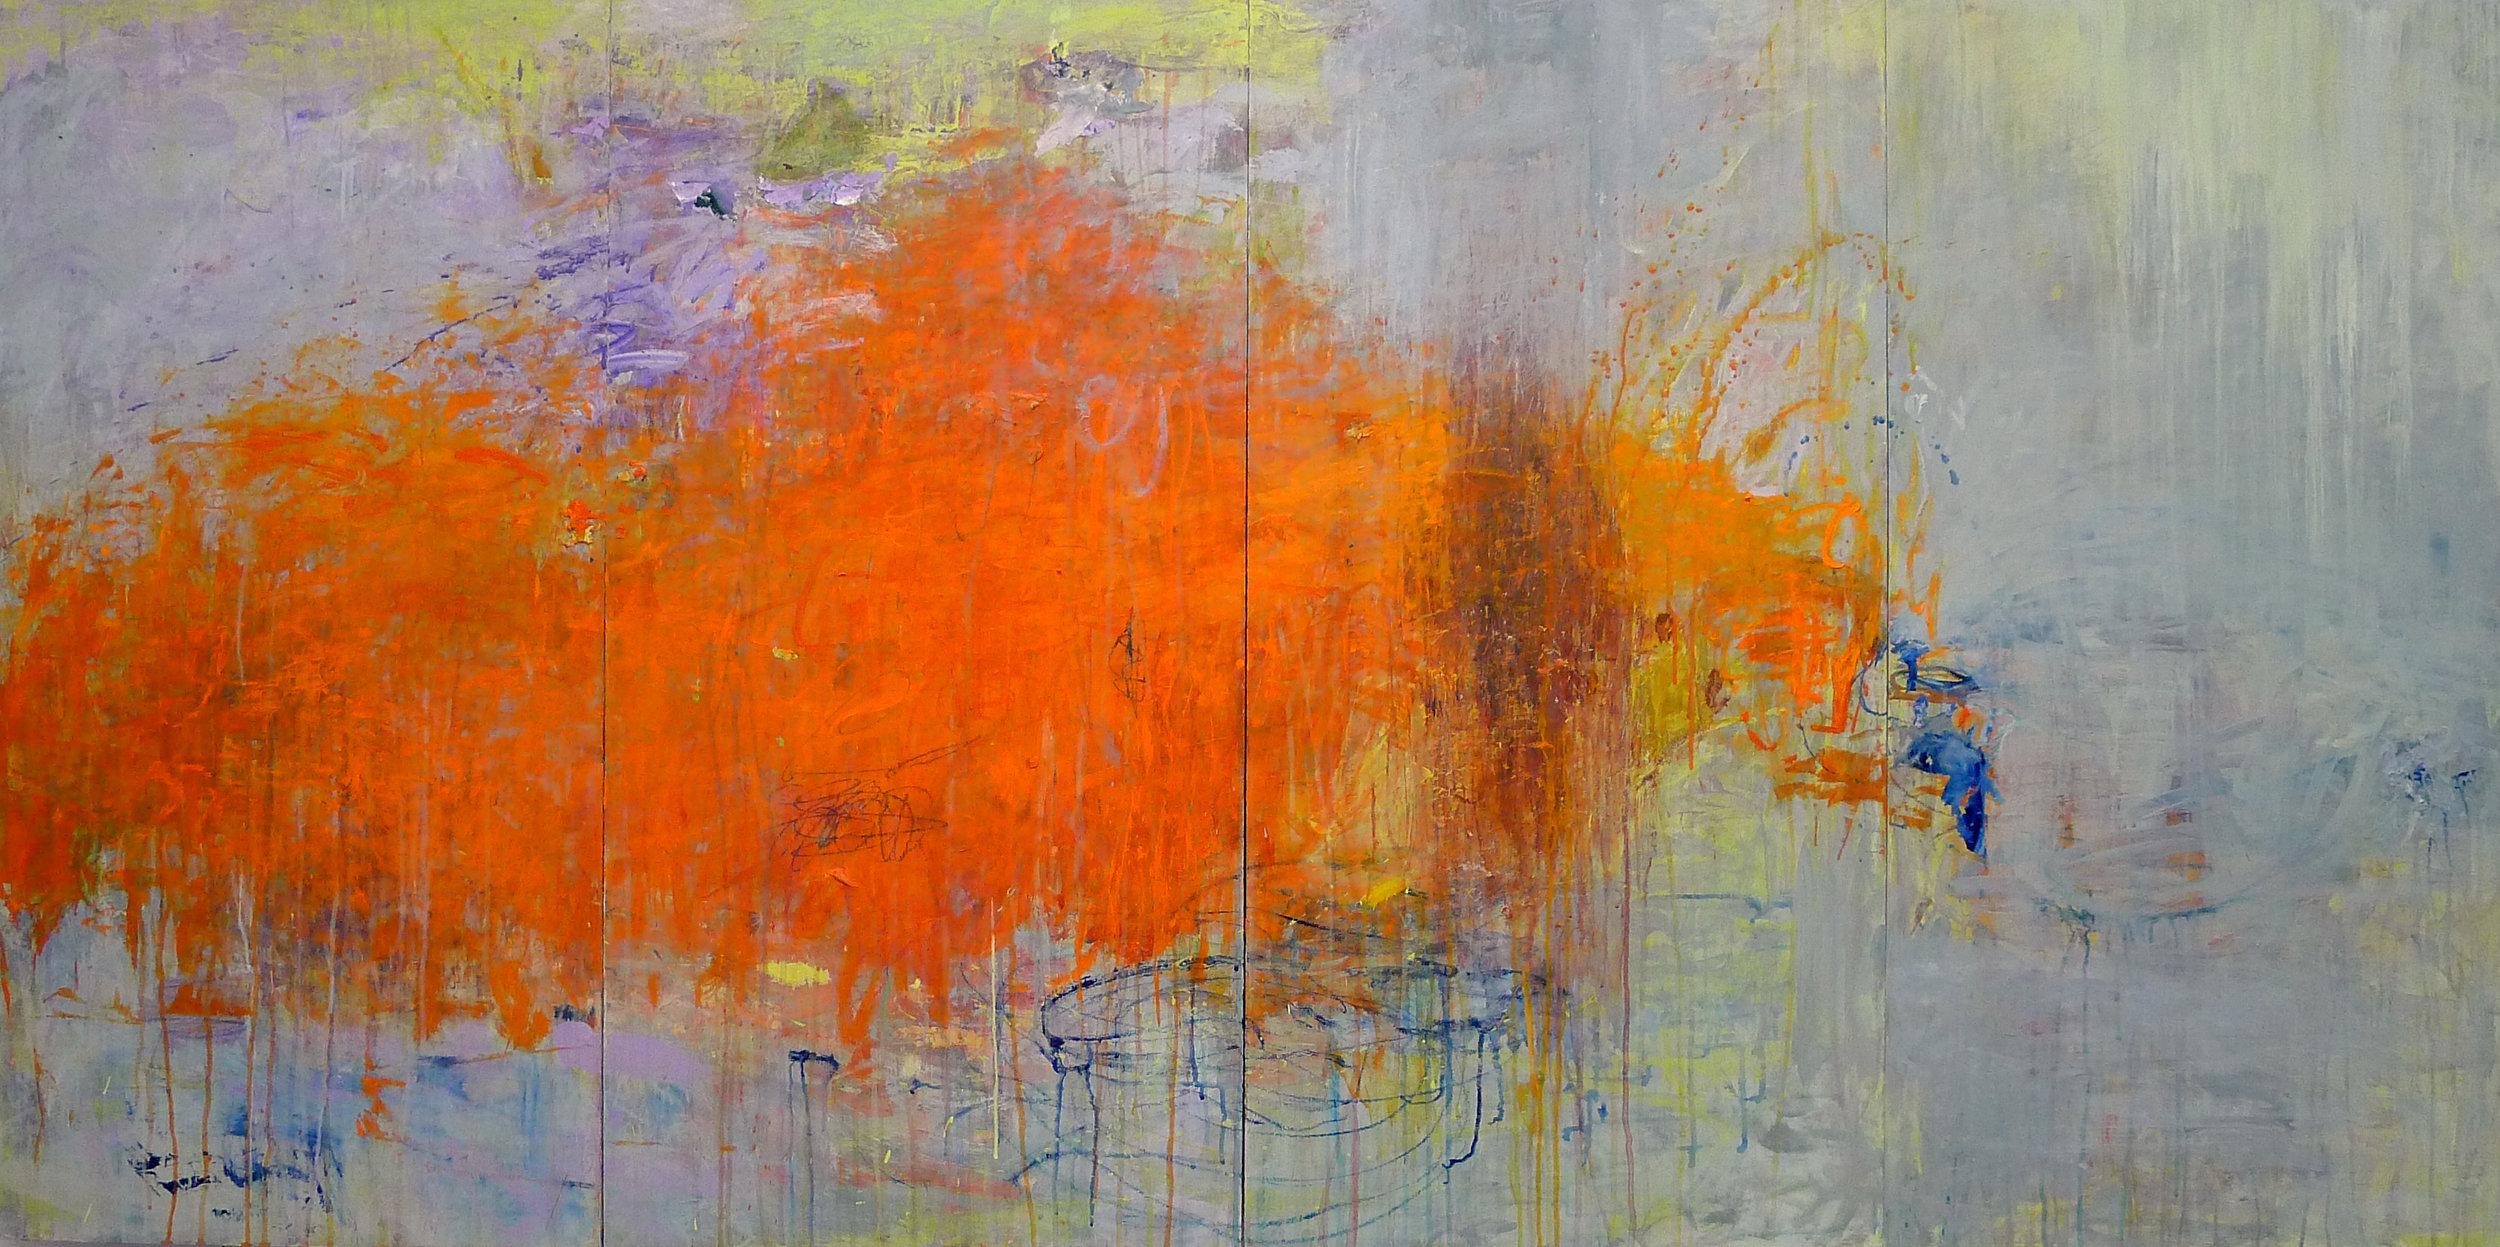 Cirioni,  Mazama 5 , Acrylic on panel, 40x80